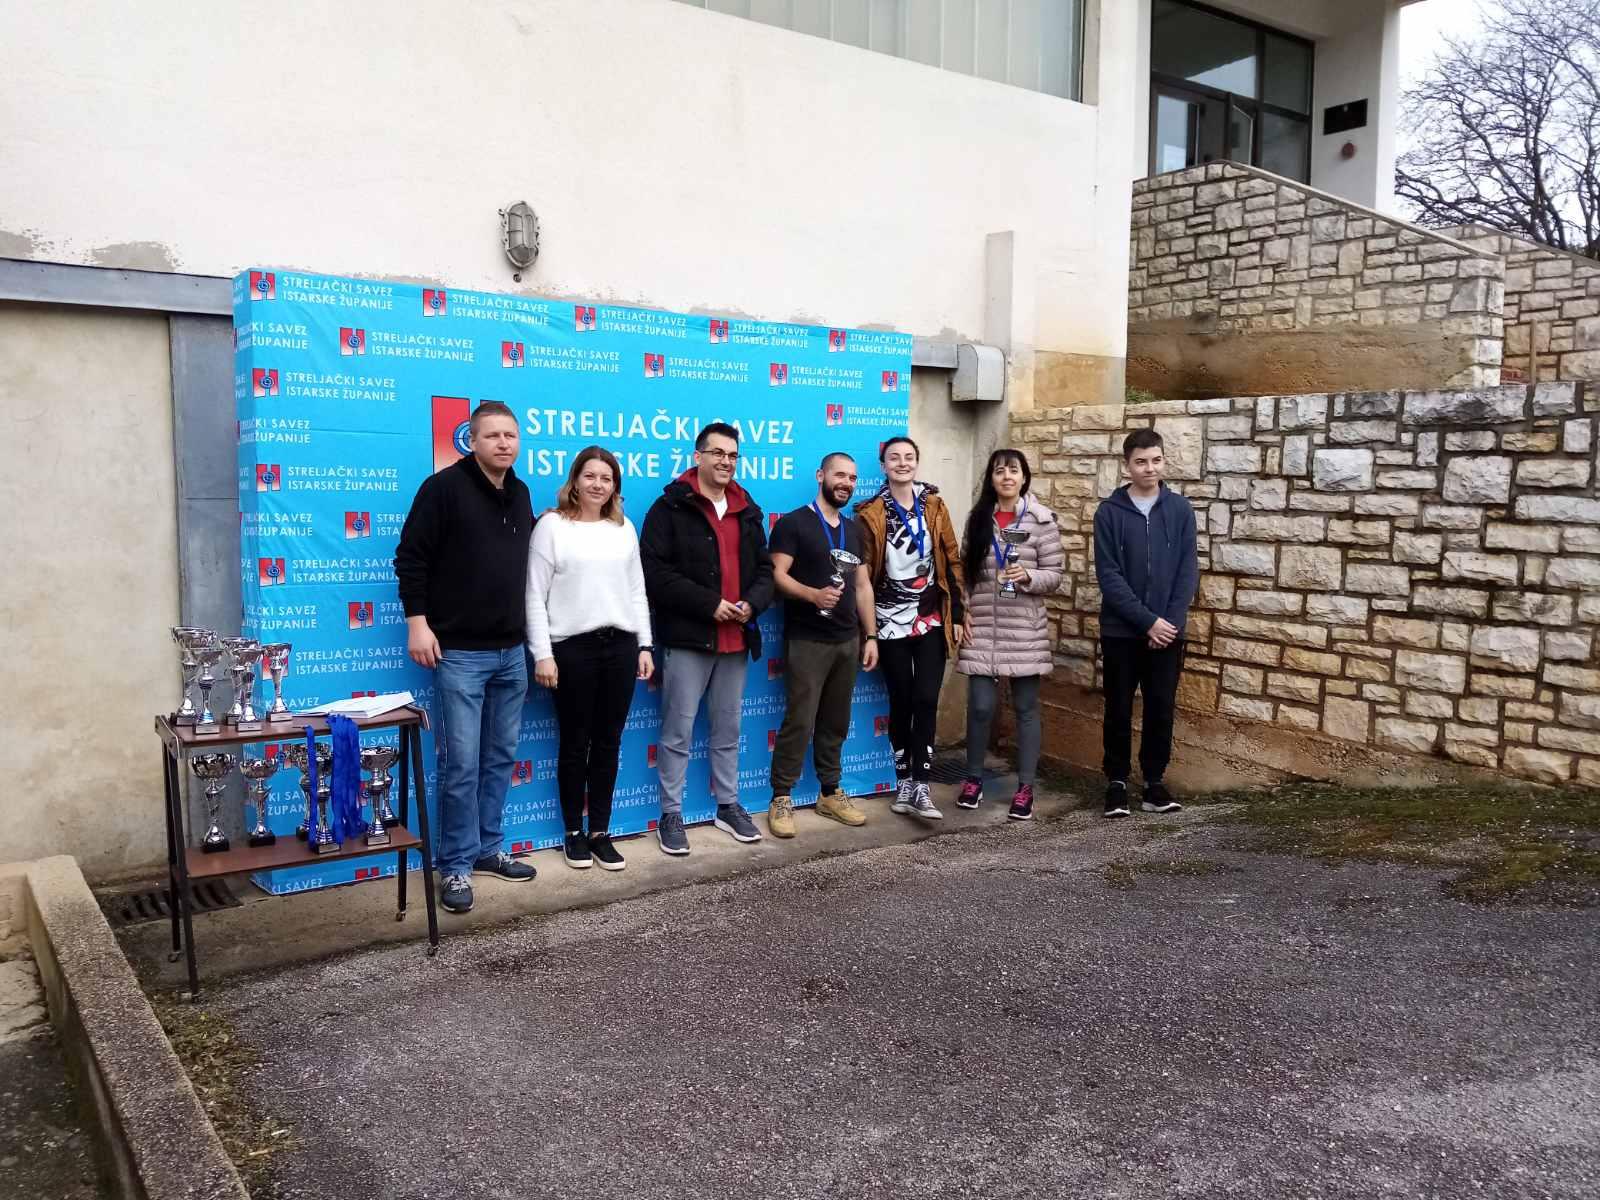 prvenstvo istarske županije juniori streljački klub rovinj proglašenje pobjednika